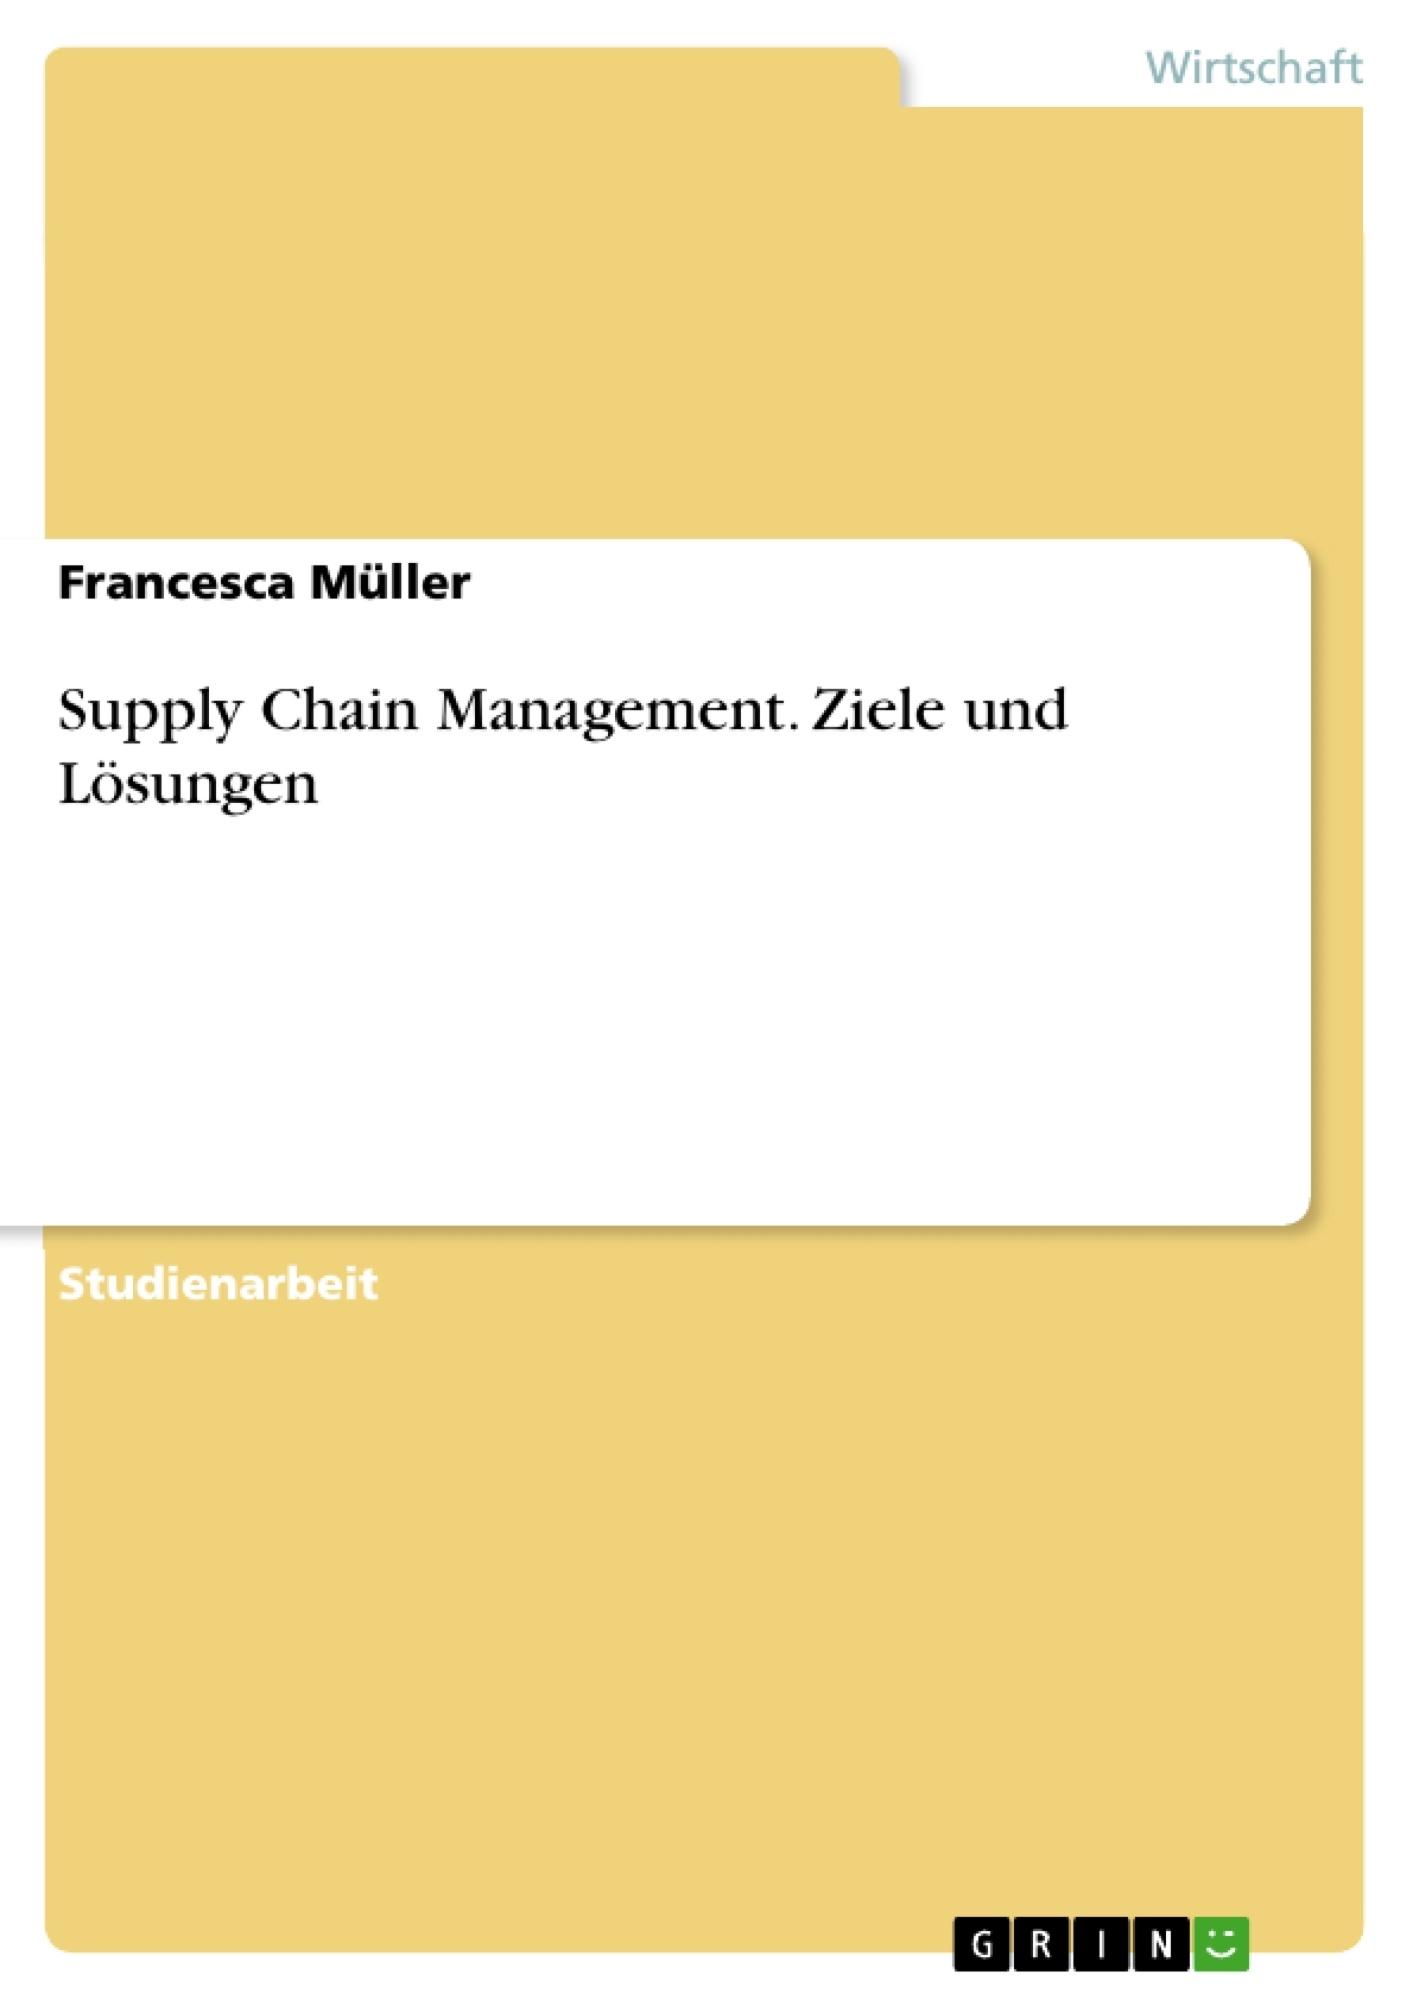 Titel: Supply Chain Management. Ziele und Lösungen